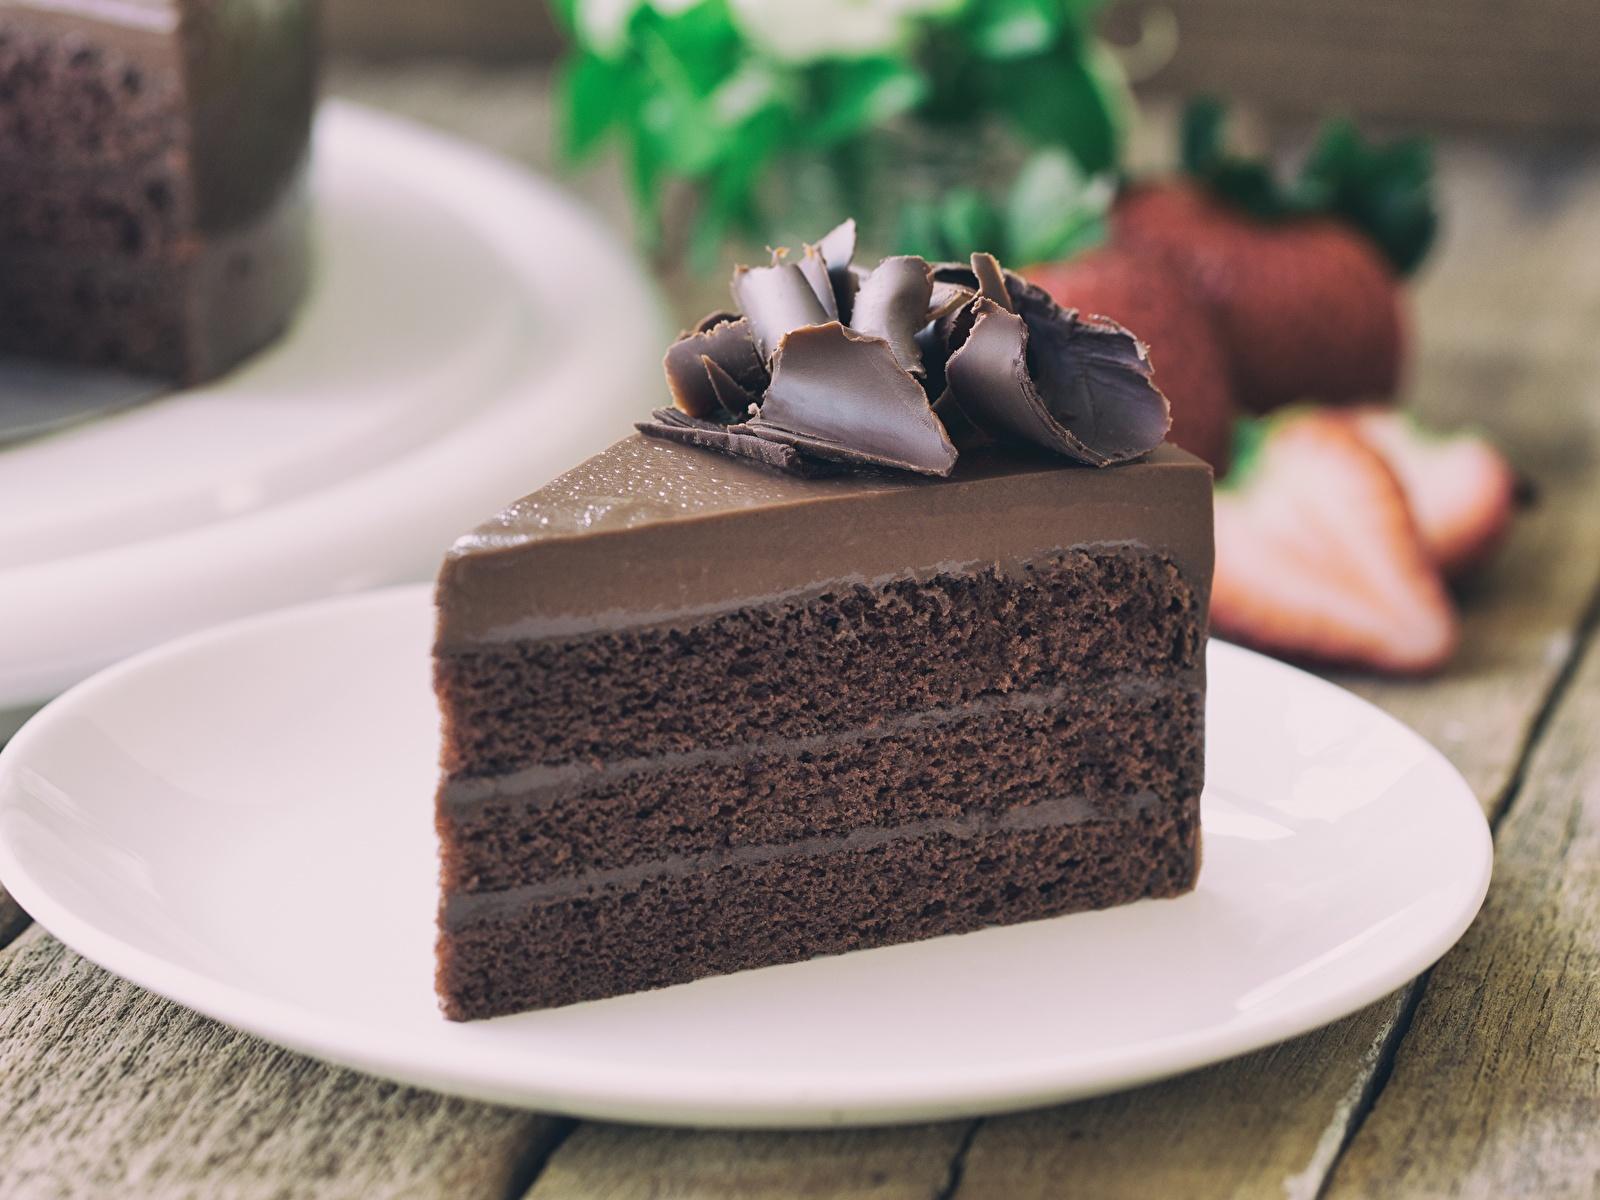 Фотография Шоколад Торты кусочки Еда Тарелка 1600x1200 часть Кусок кусочек Пища тарелке Продукты питания